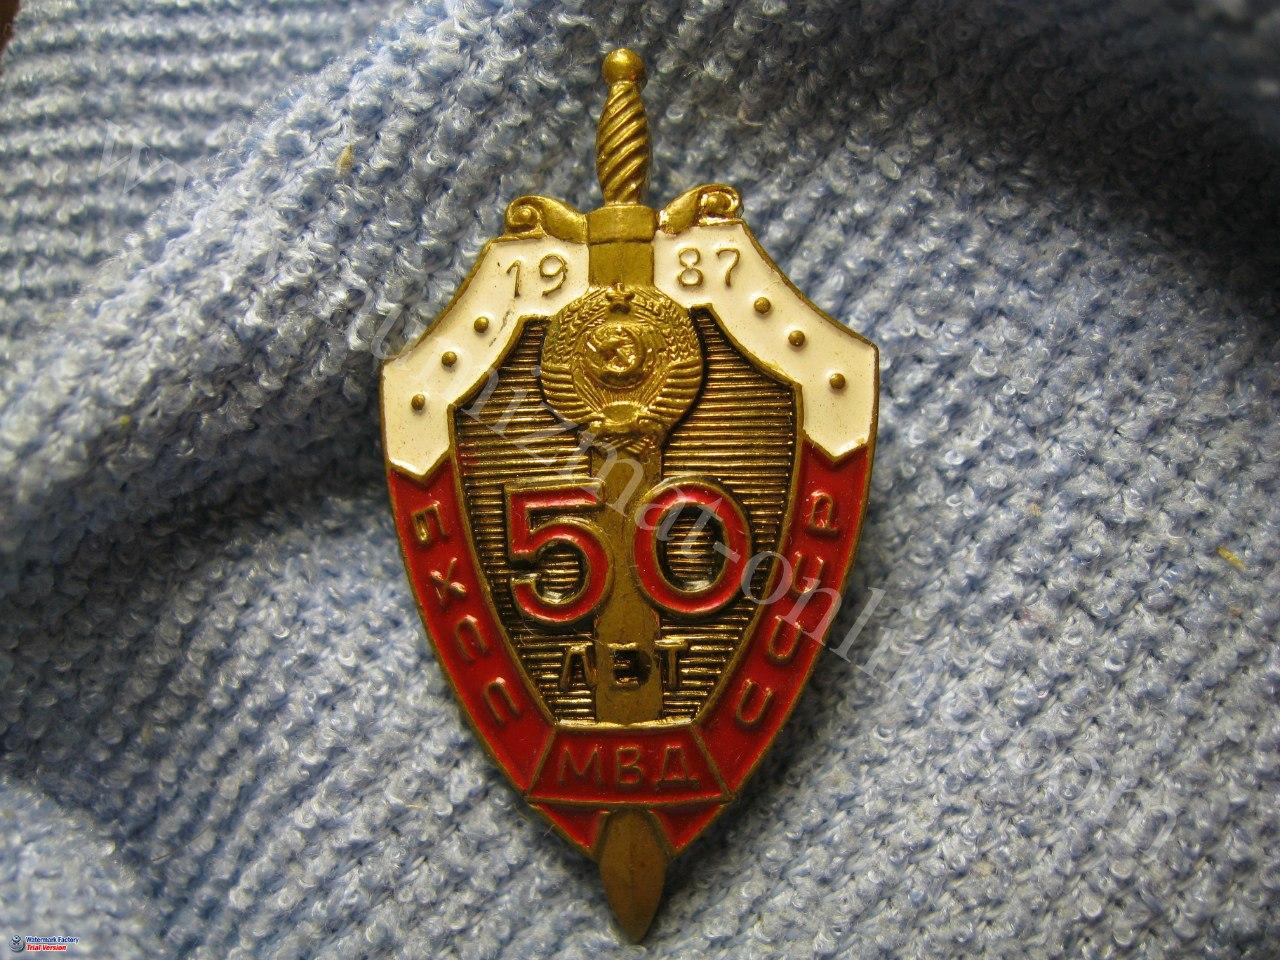 50 лет МВД СССР. Год выпуска -  1987. Крепление штифт